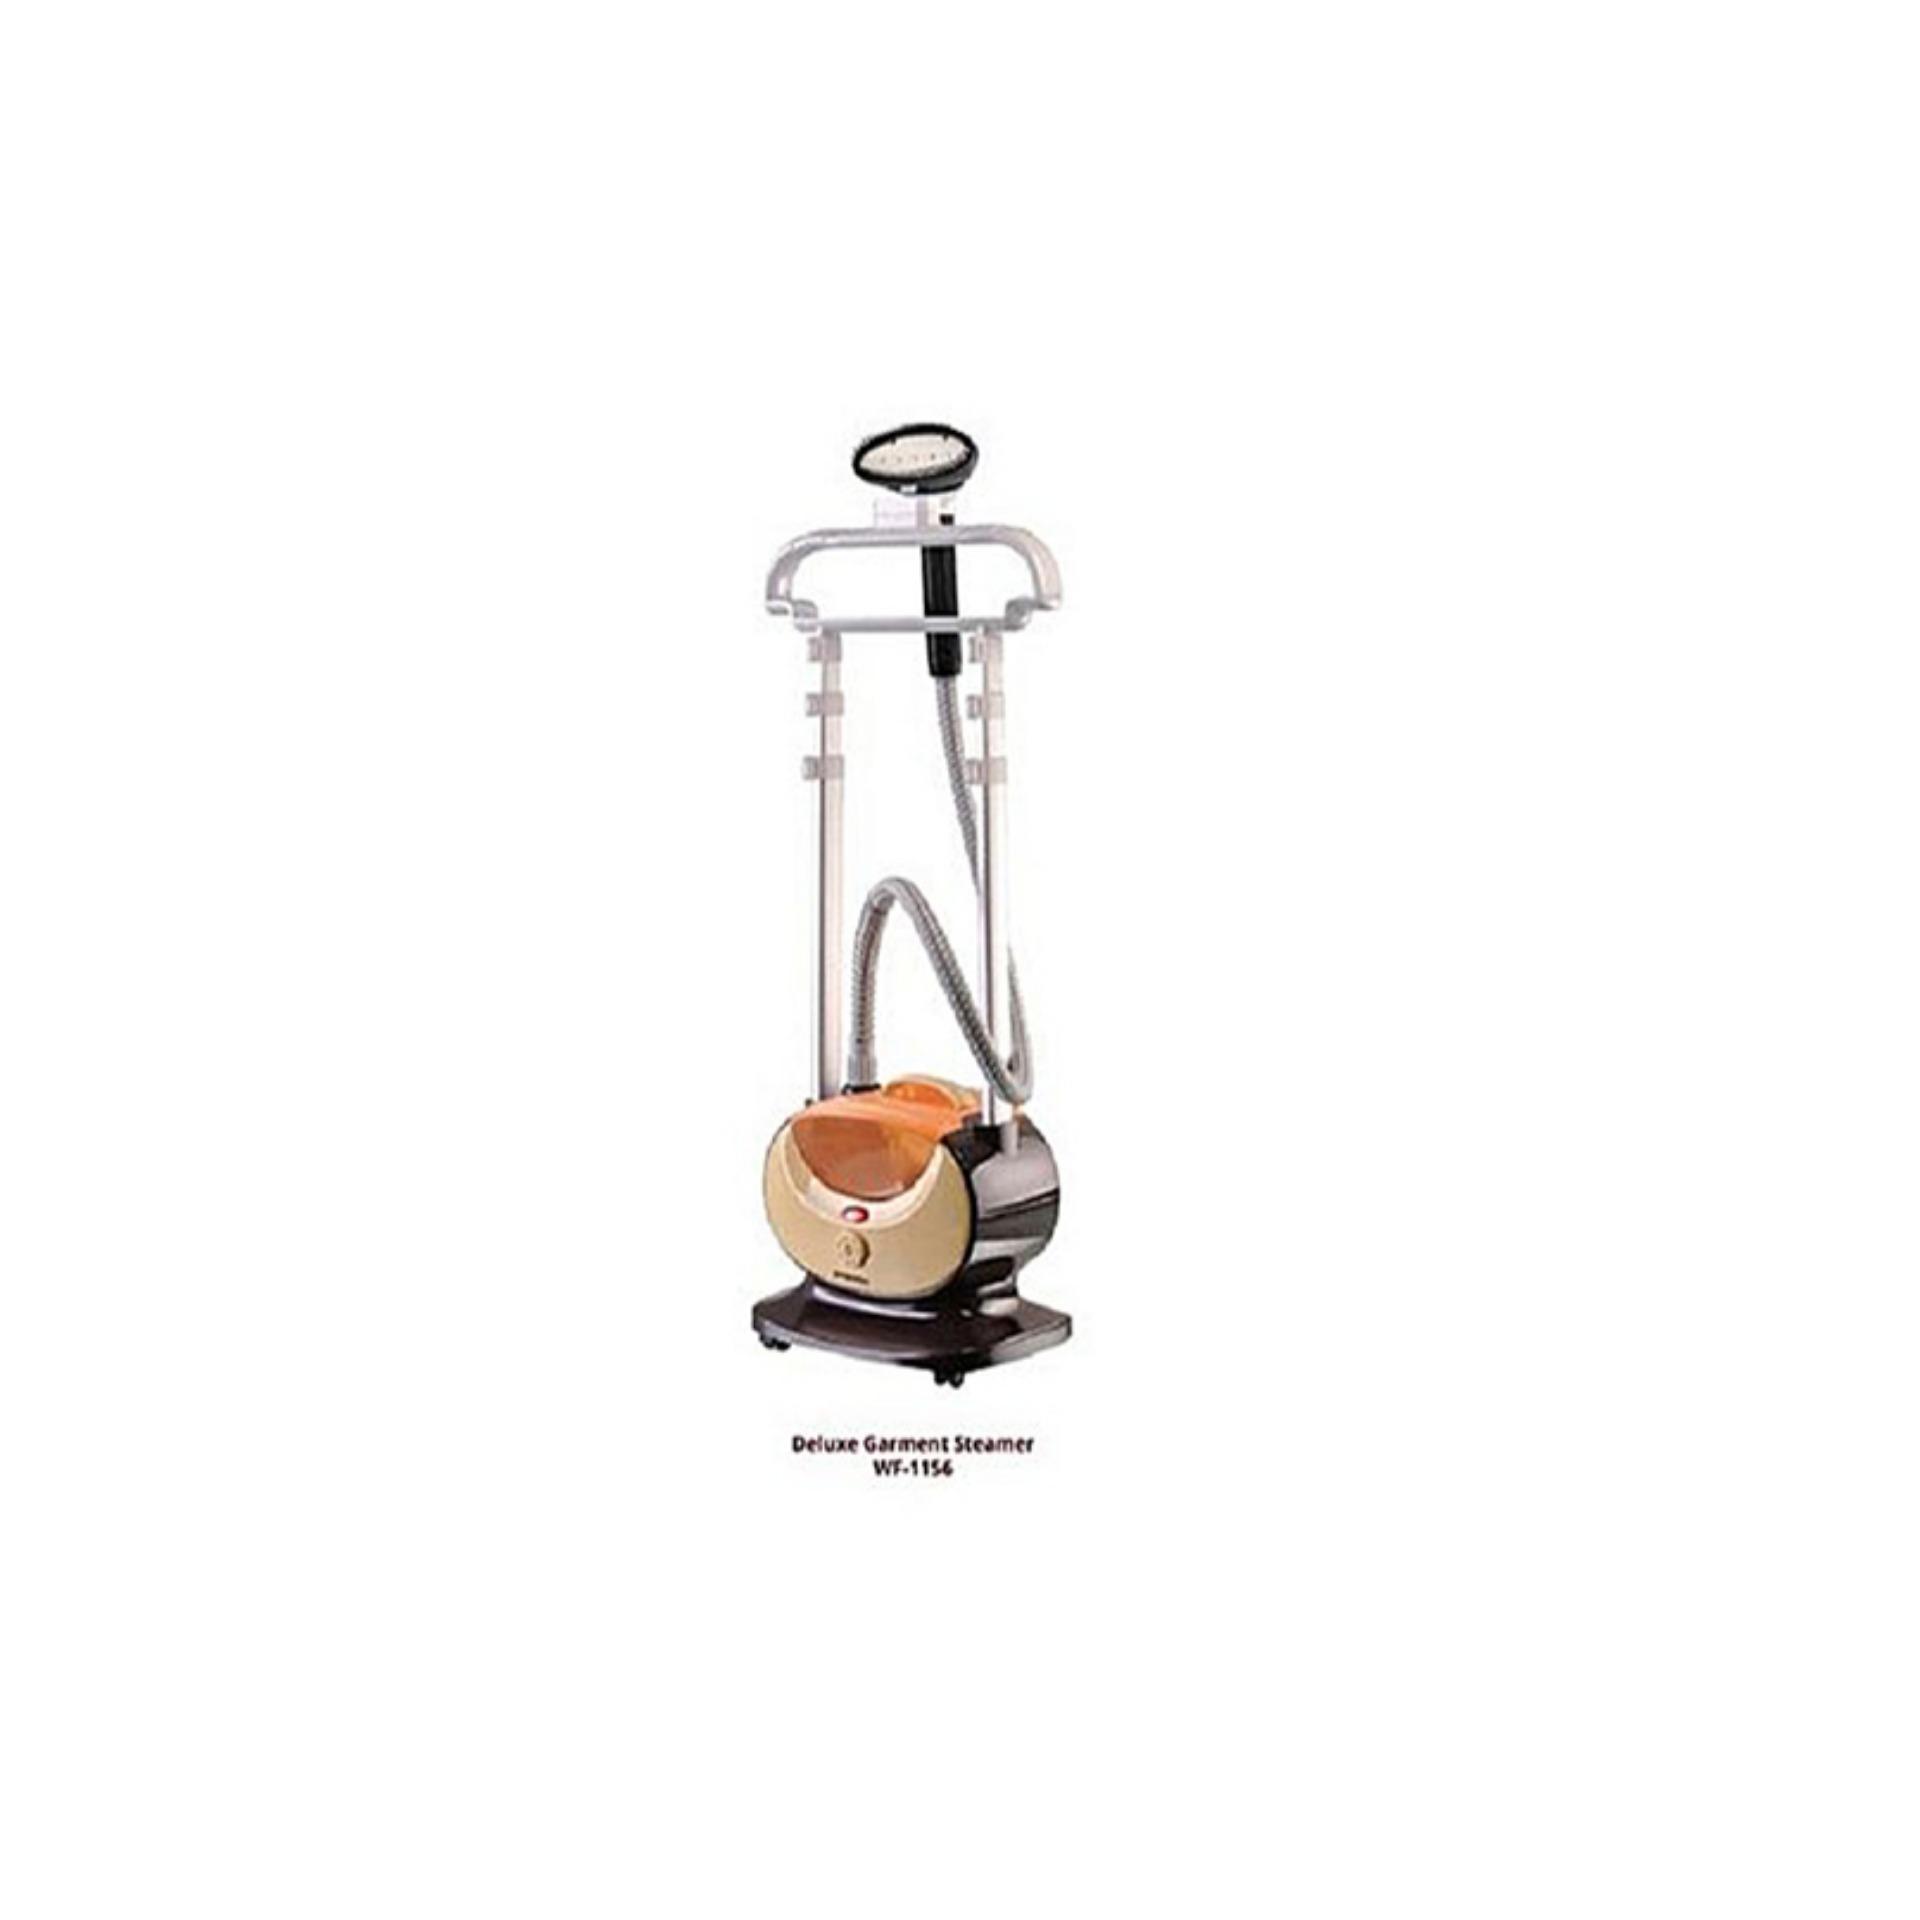 Steam Iron Systems Online In Pakistan Philips Garment Steamer Gc502 Westpoint New Wf 1156 White Coffee